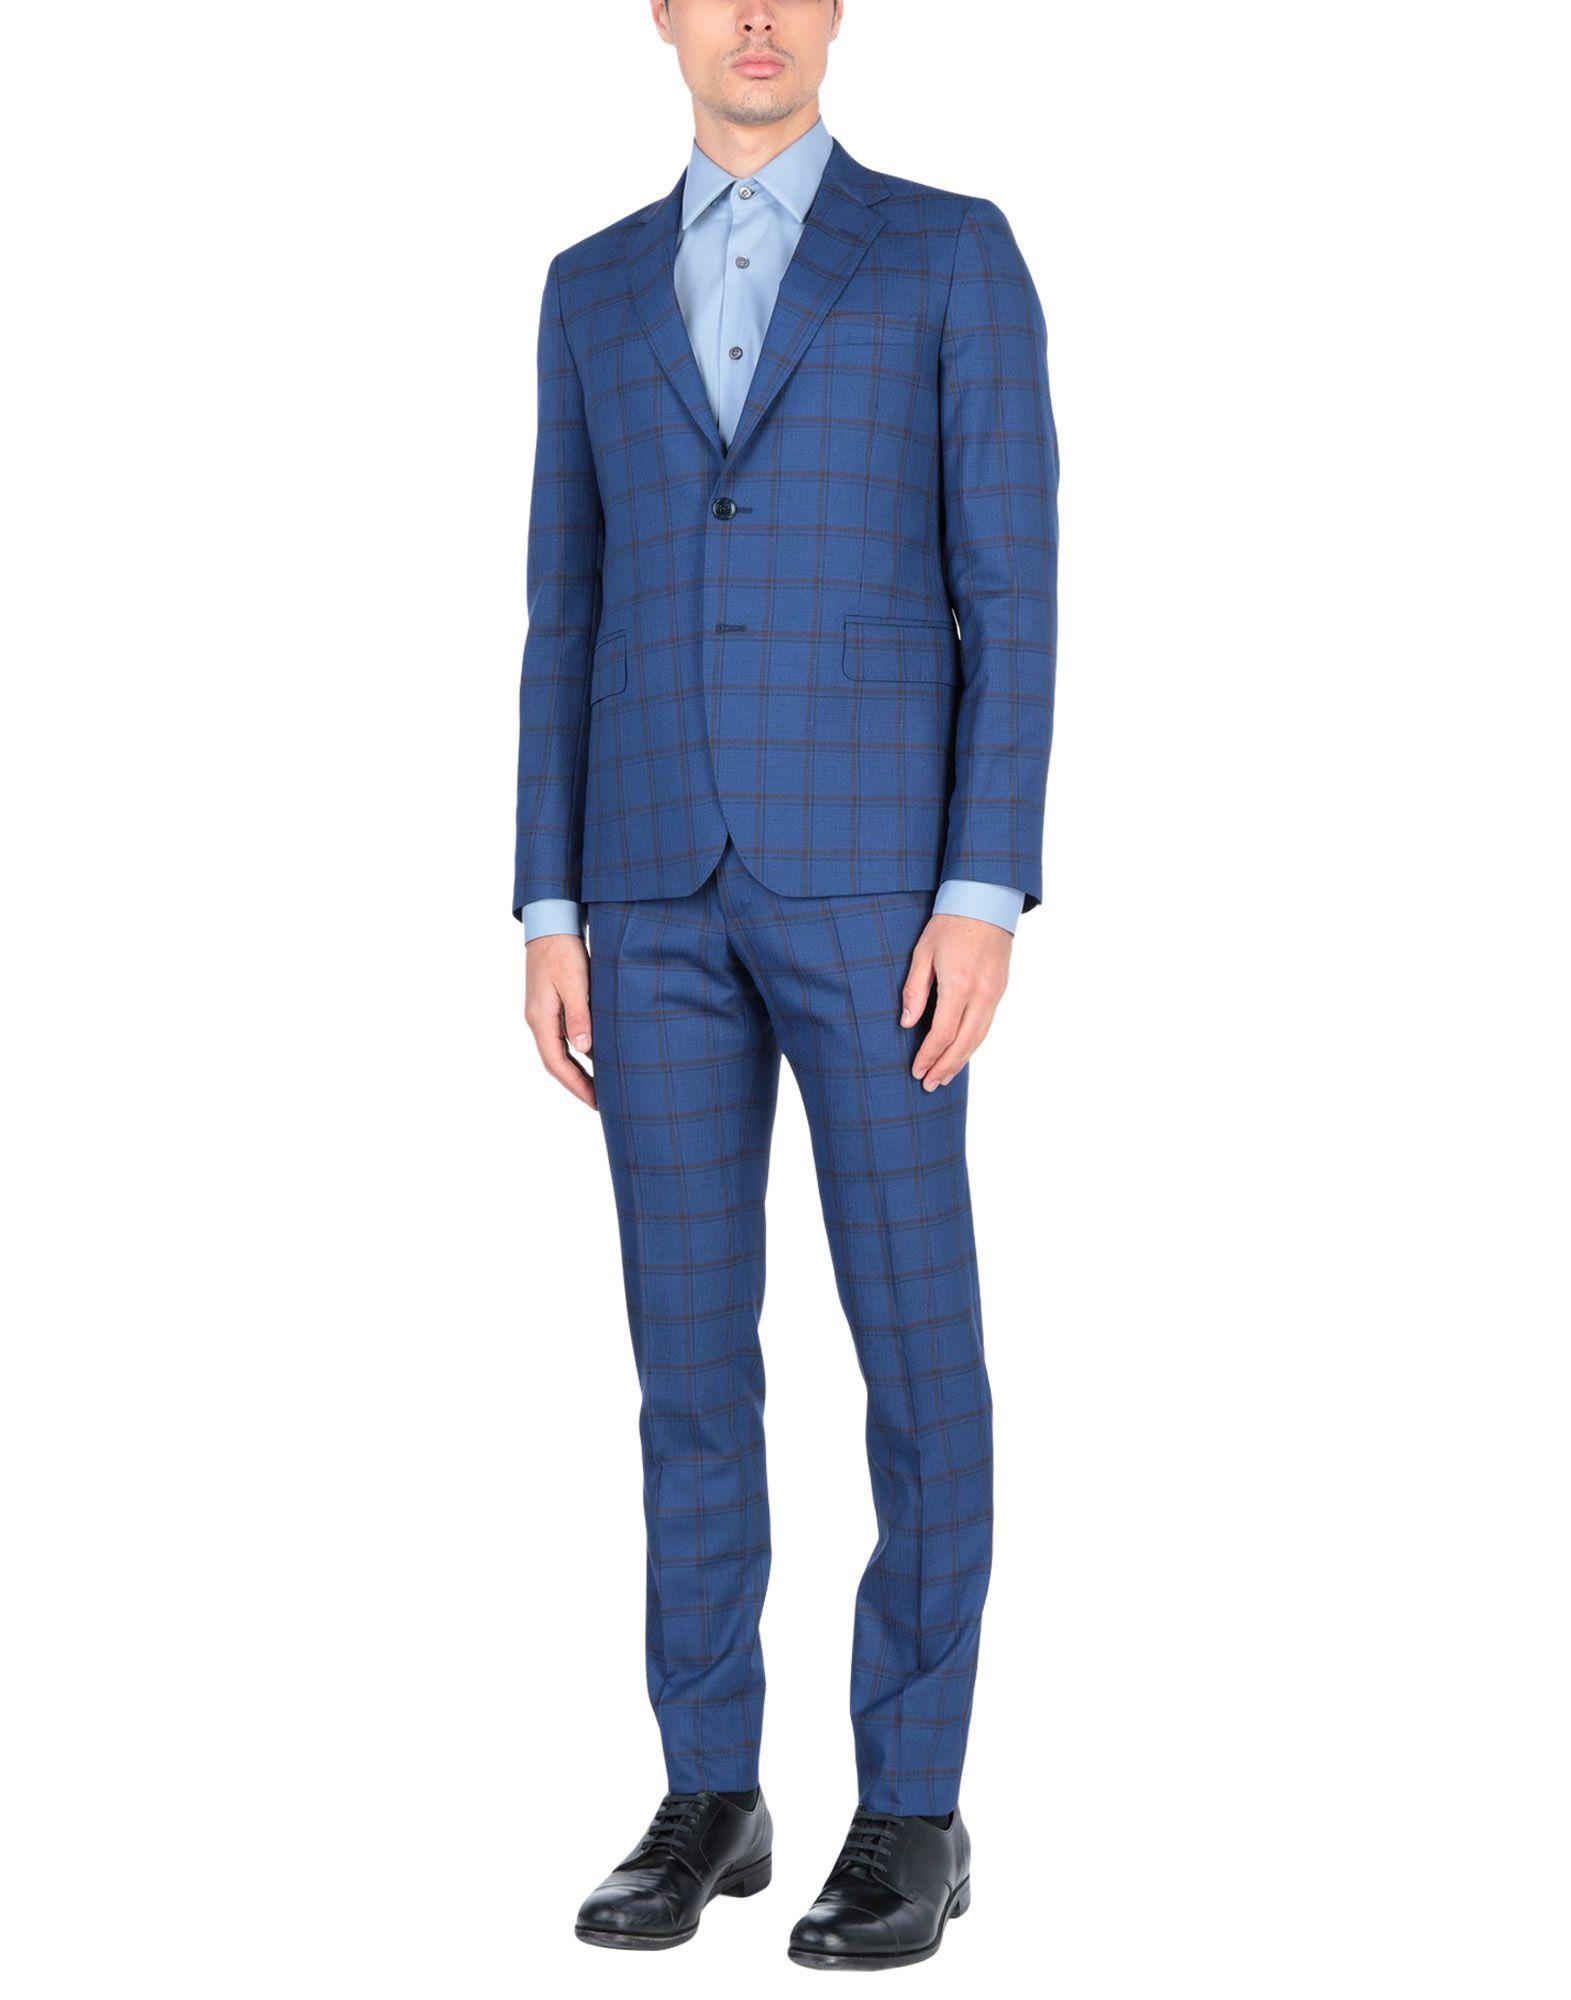 《送料無料》BRIAN DALES メンズ スーツ ブライトブルー 46 100% ウール